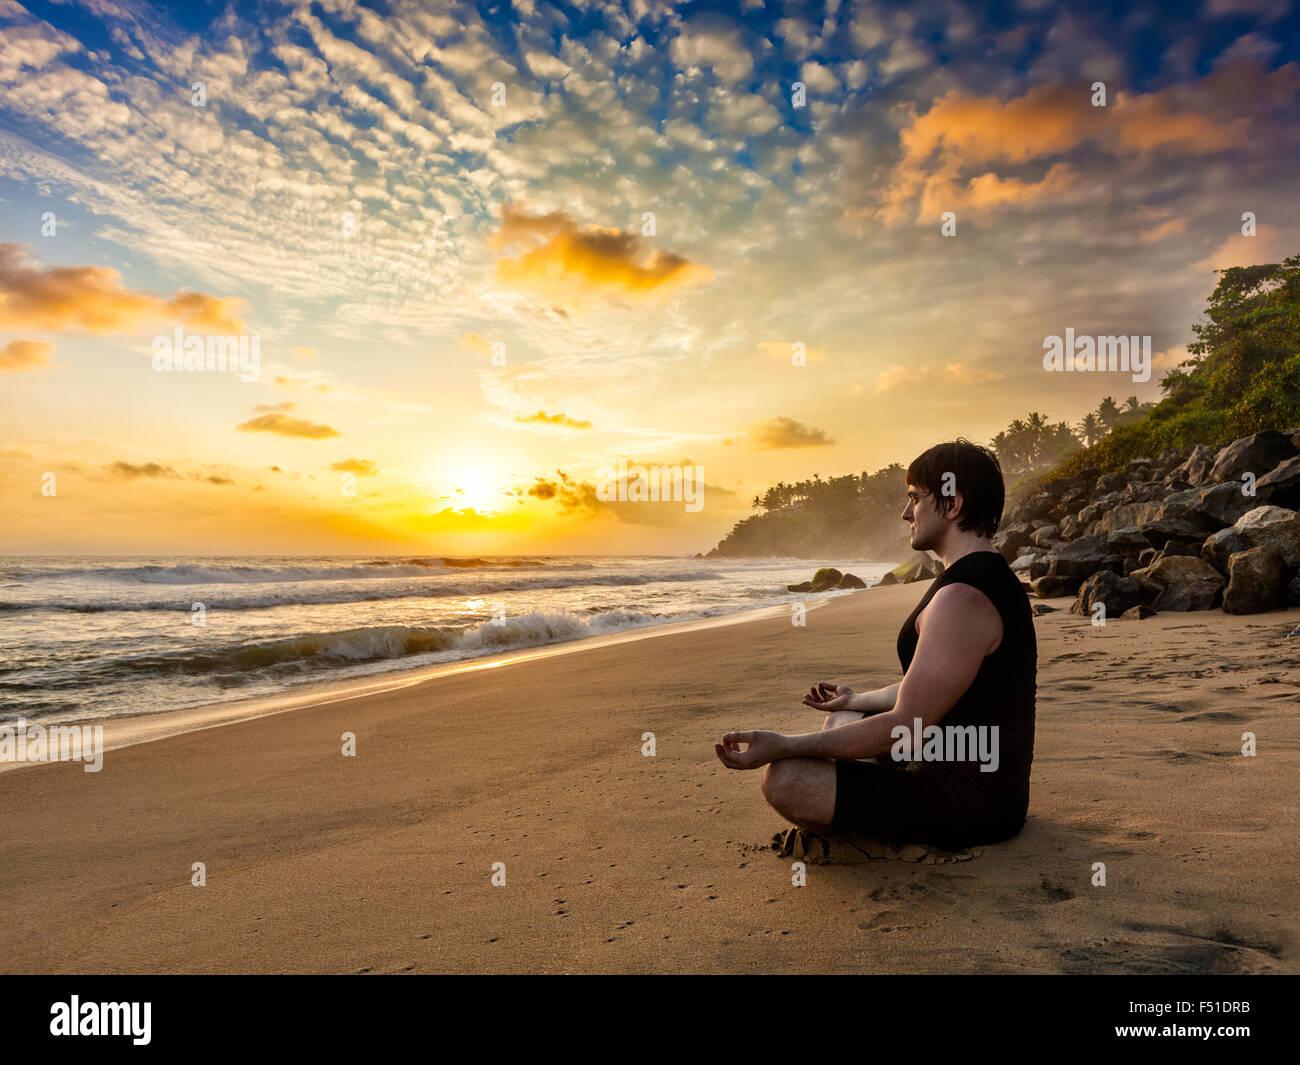 Montare giovane uomo fare yoga meditazione sulla spiaggia tropicale Immagini Stock